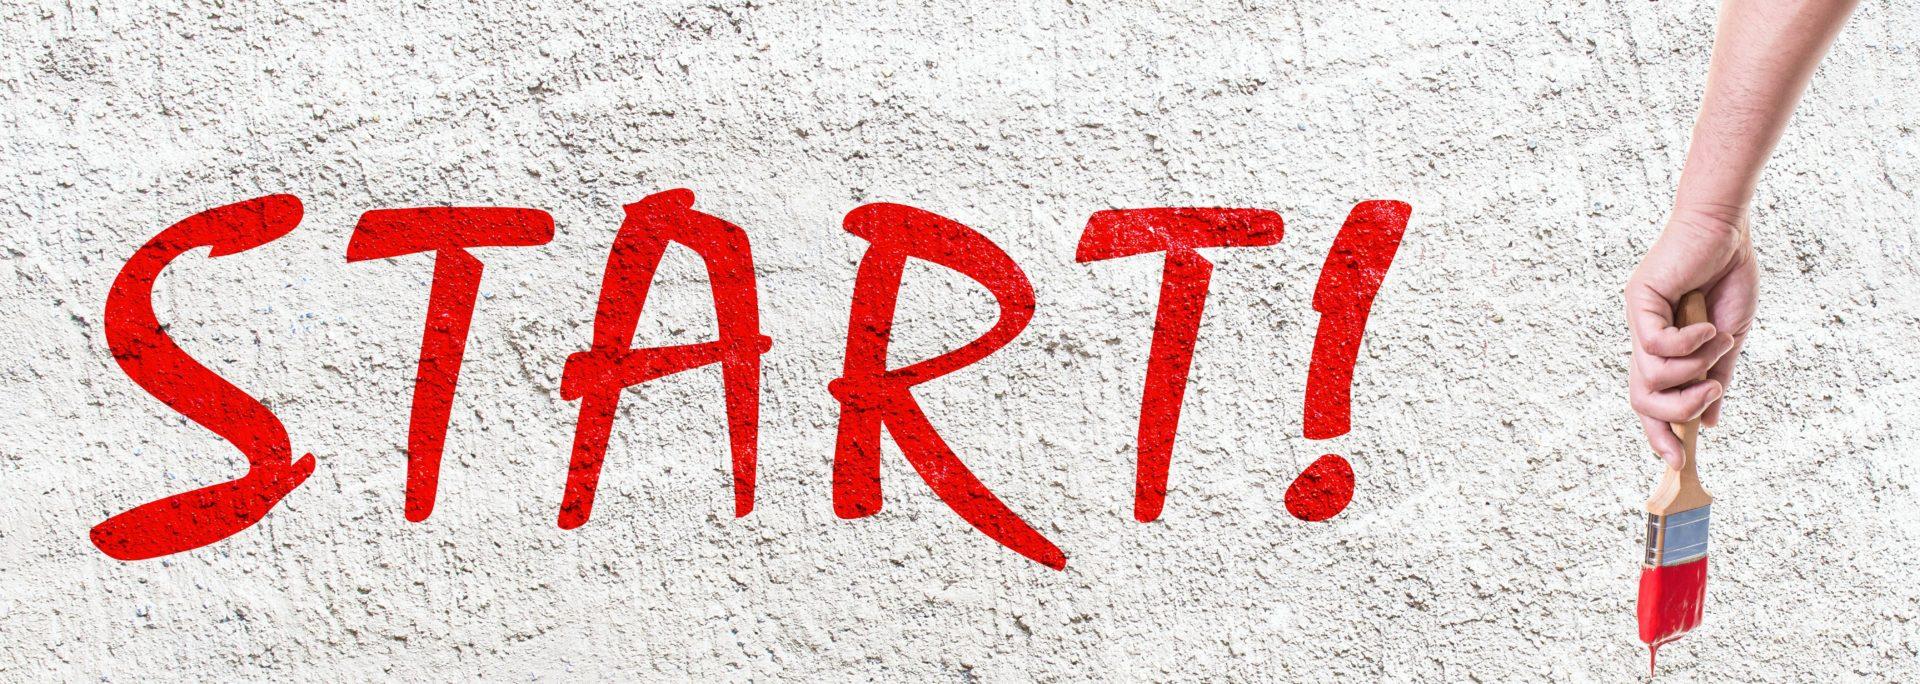 Beschriftung Wand Hand mit Pinsel